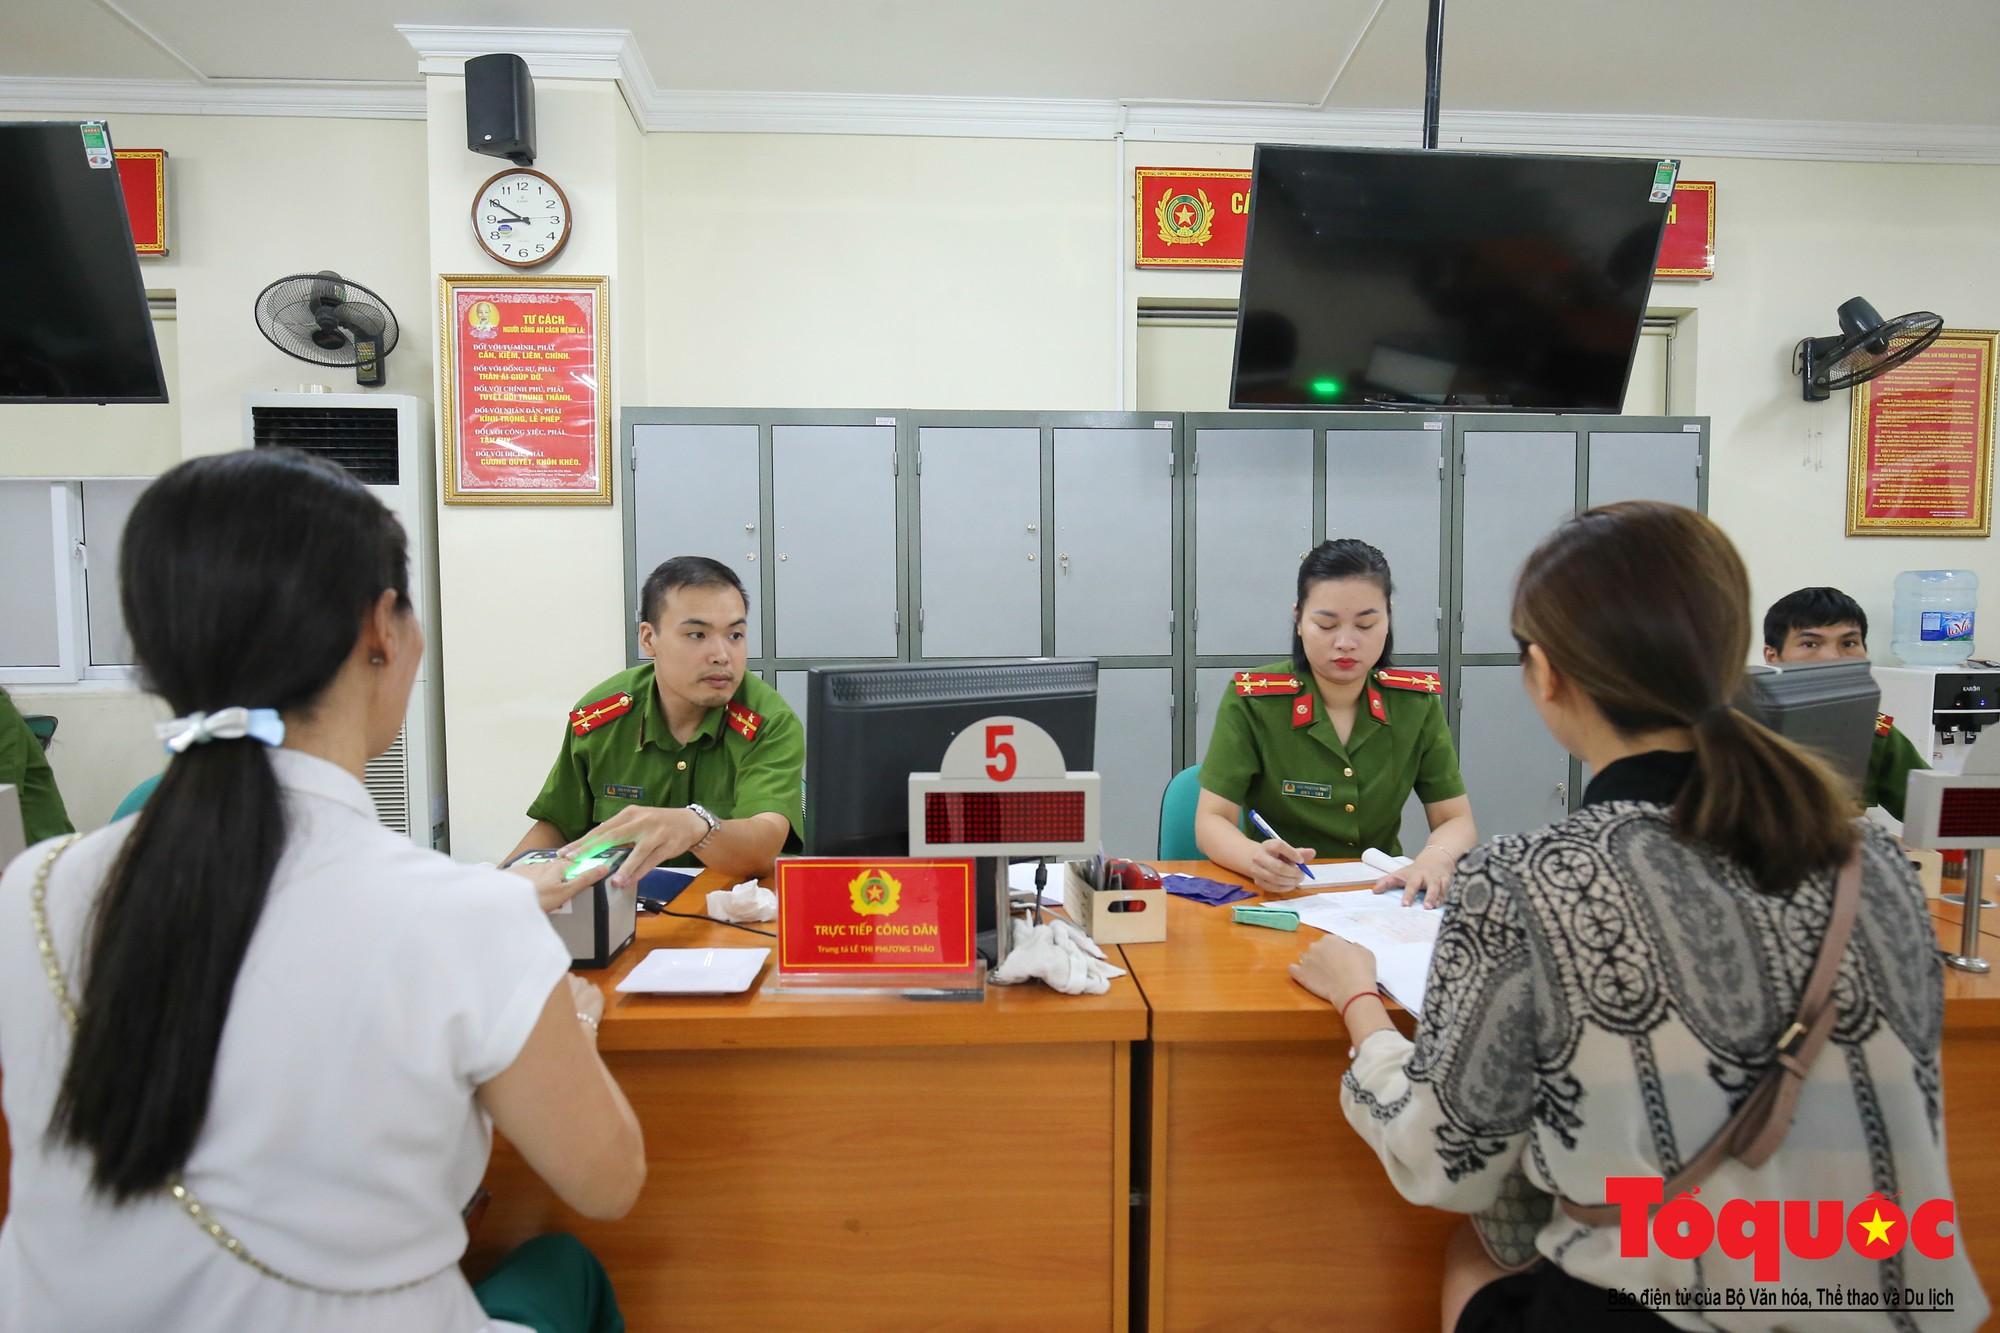 Lực lượng Công an Thủ đô vui tươi, tình nguyện phục vụ nhân dân trong Chủ Nhật (1)